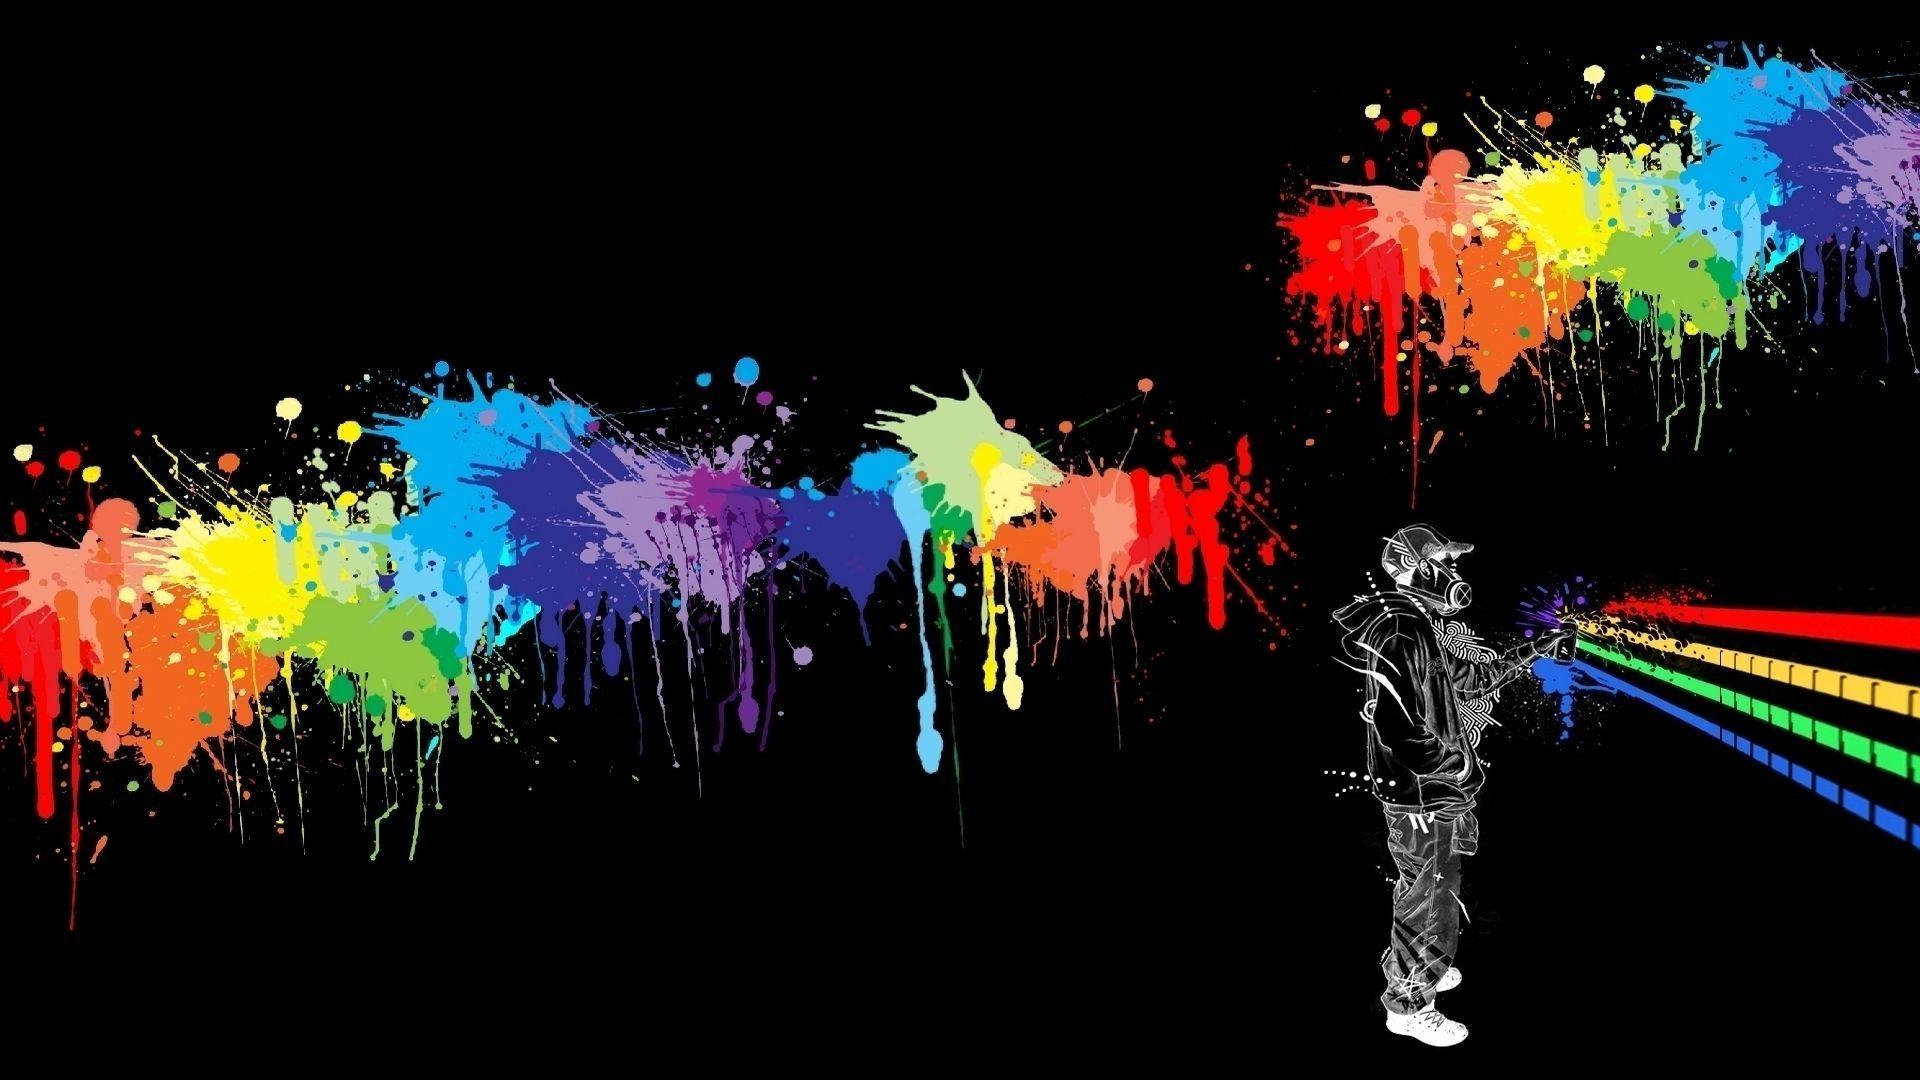 Graffiti Wallpapers HD Group (80+)